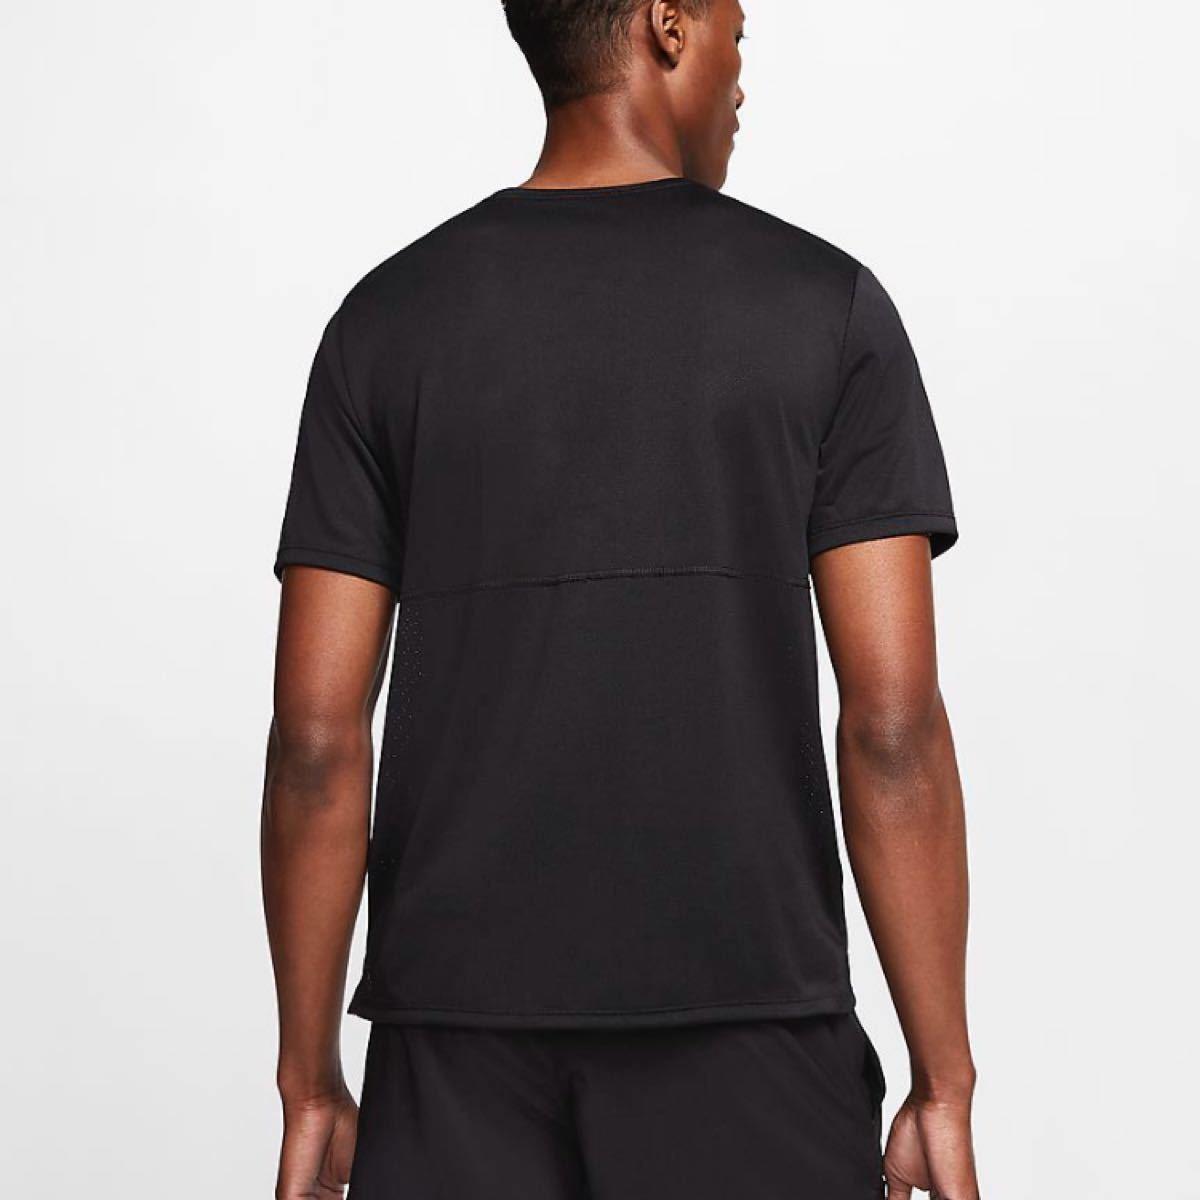 ナイキ ブリーズ トップ 半袖Tシャツ